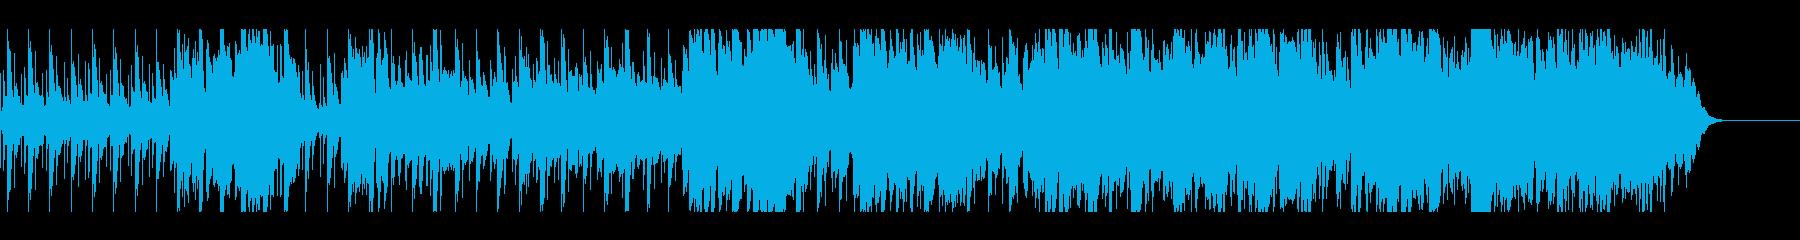 かわいいマリンバのワルツの再生済みの波形